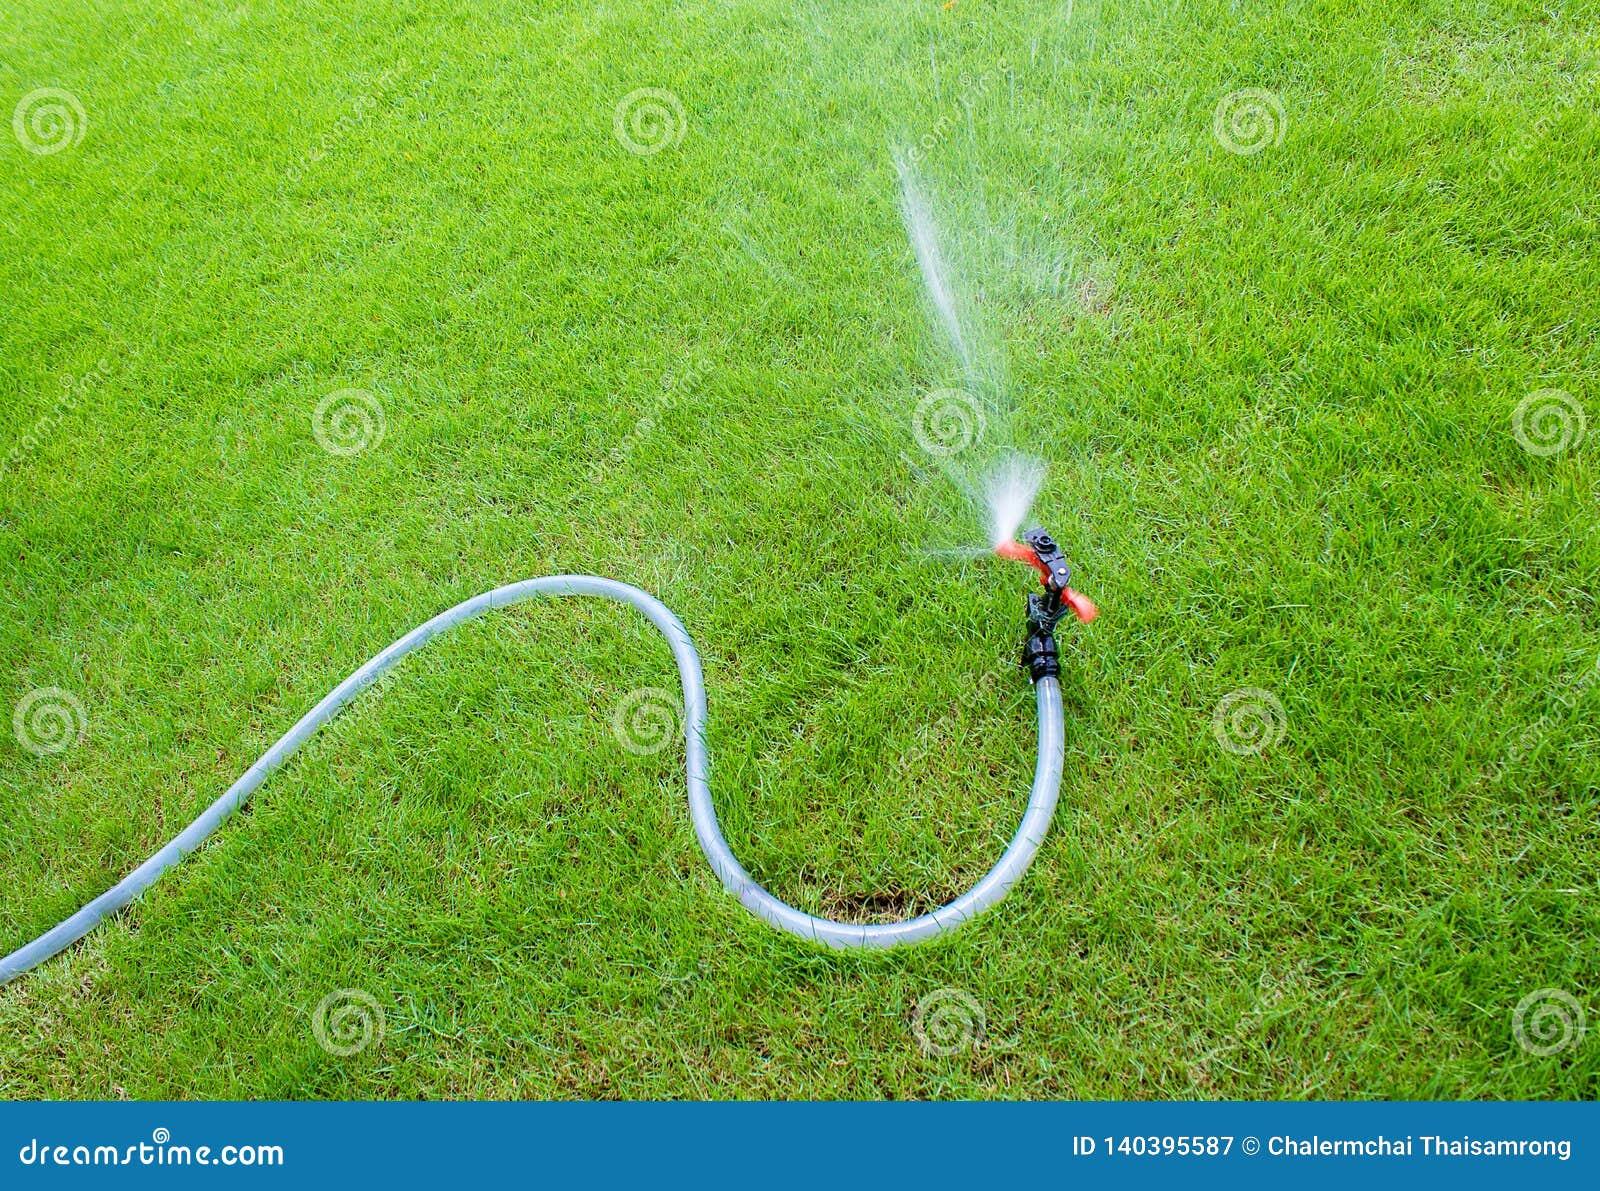 浇灌在庭院里的喷水隆头 在草坪